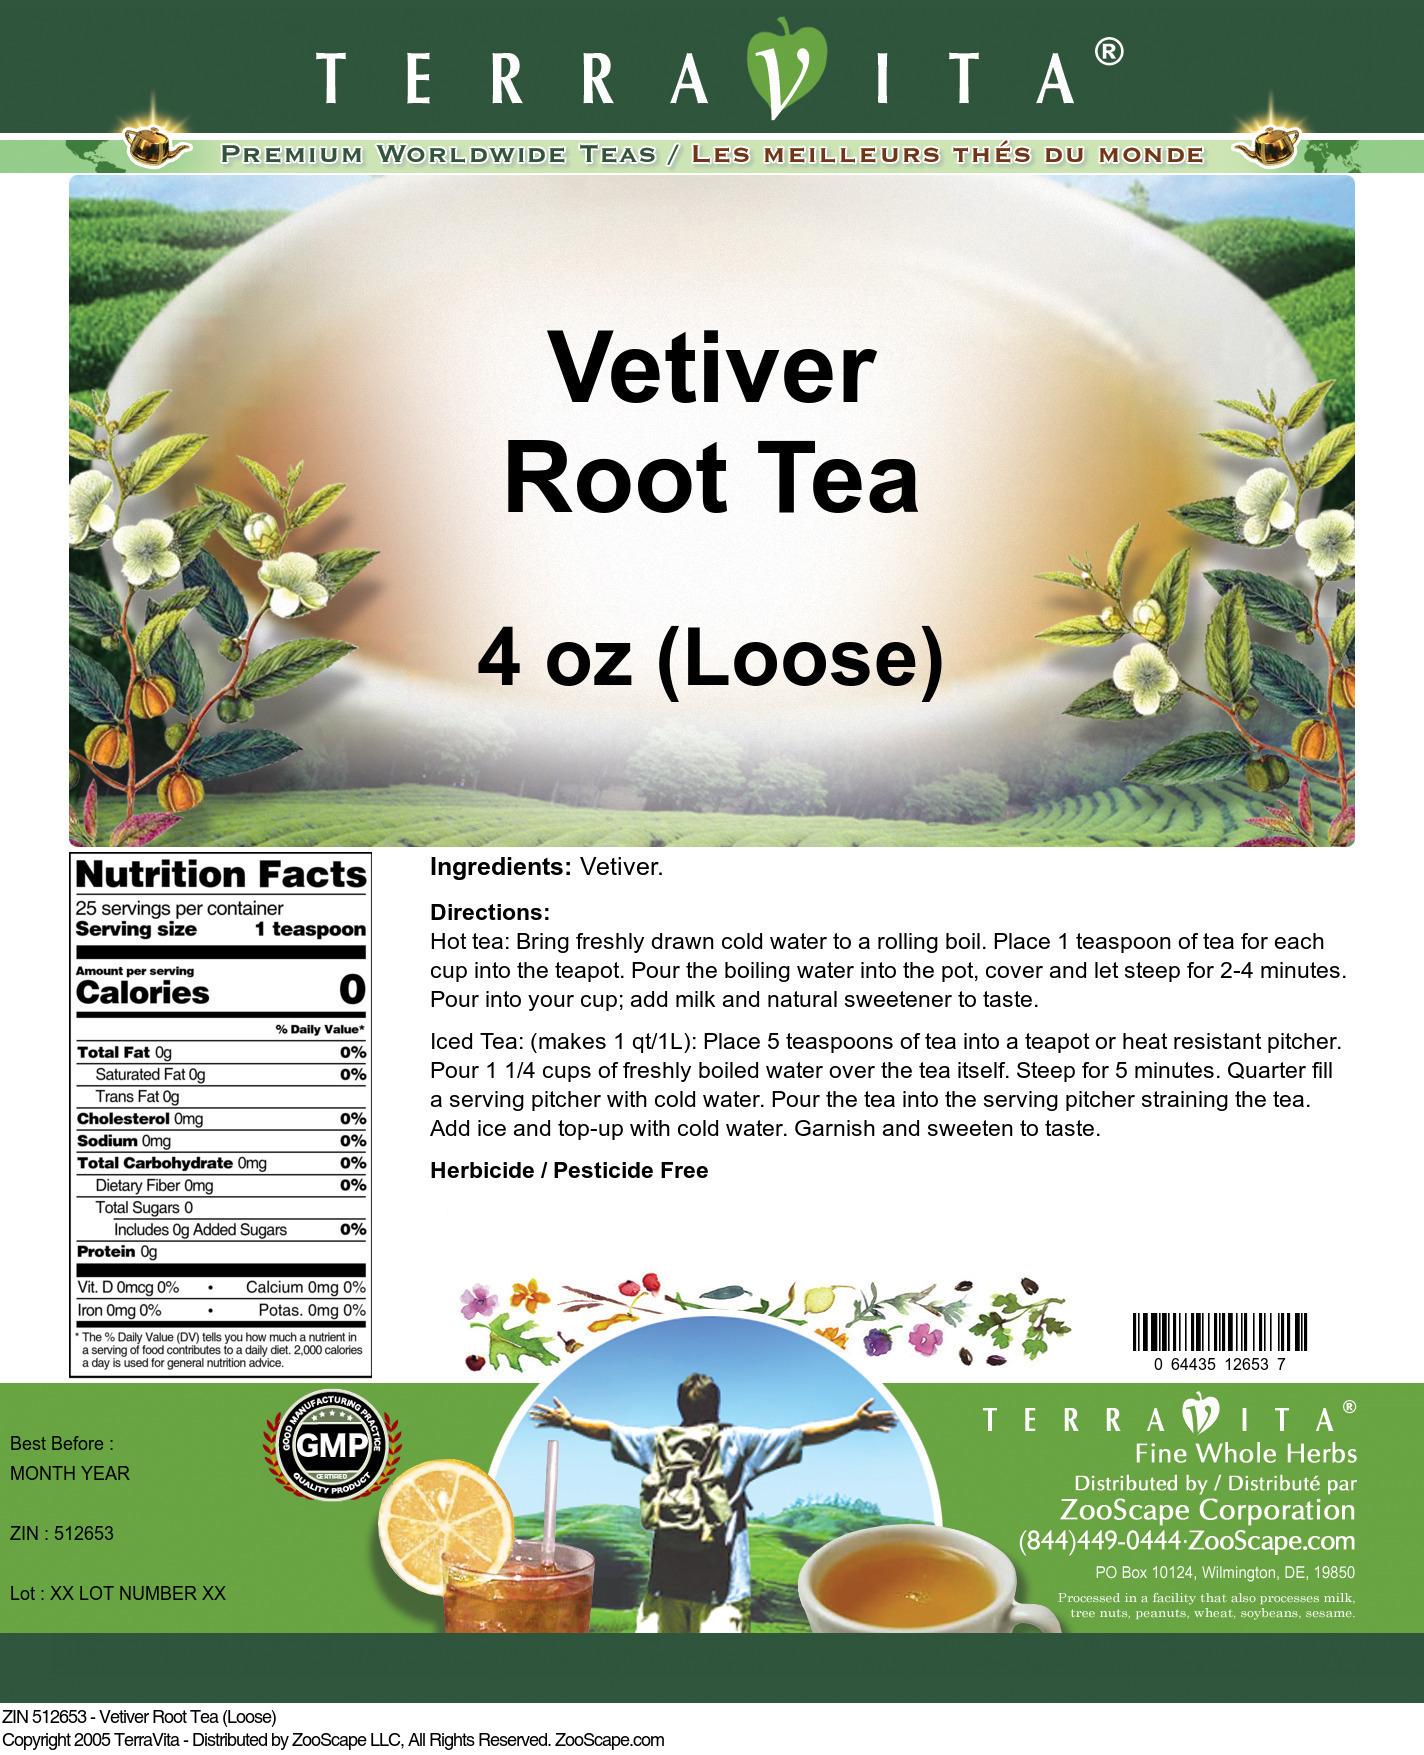 Vetiver Root Tea (Loose)